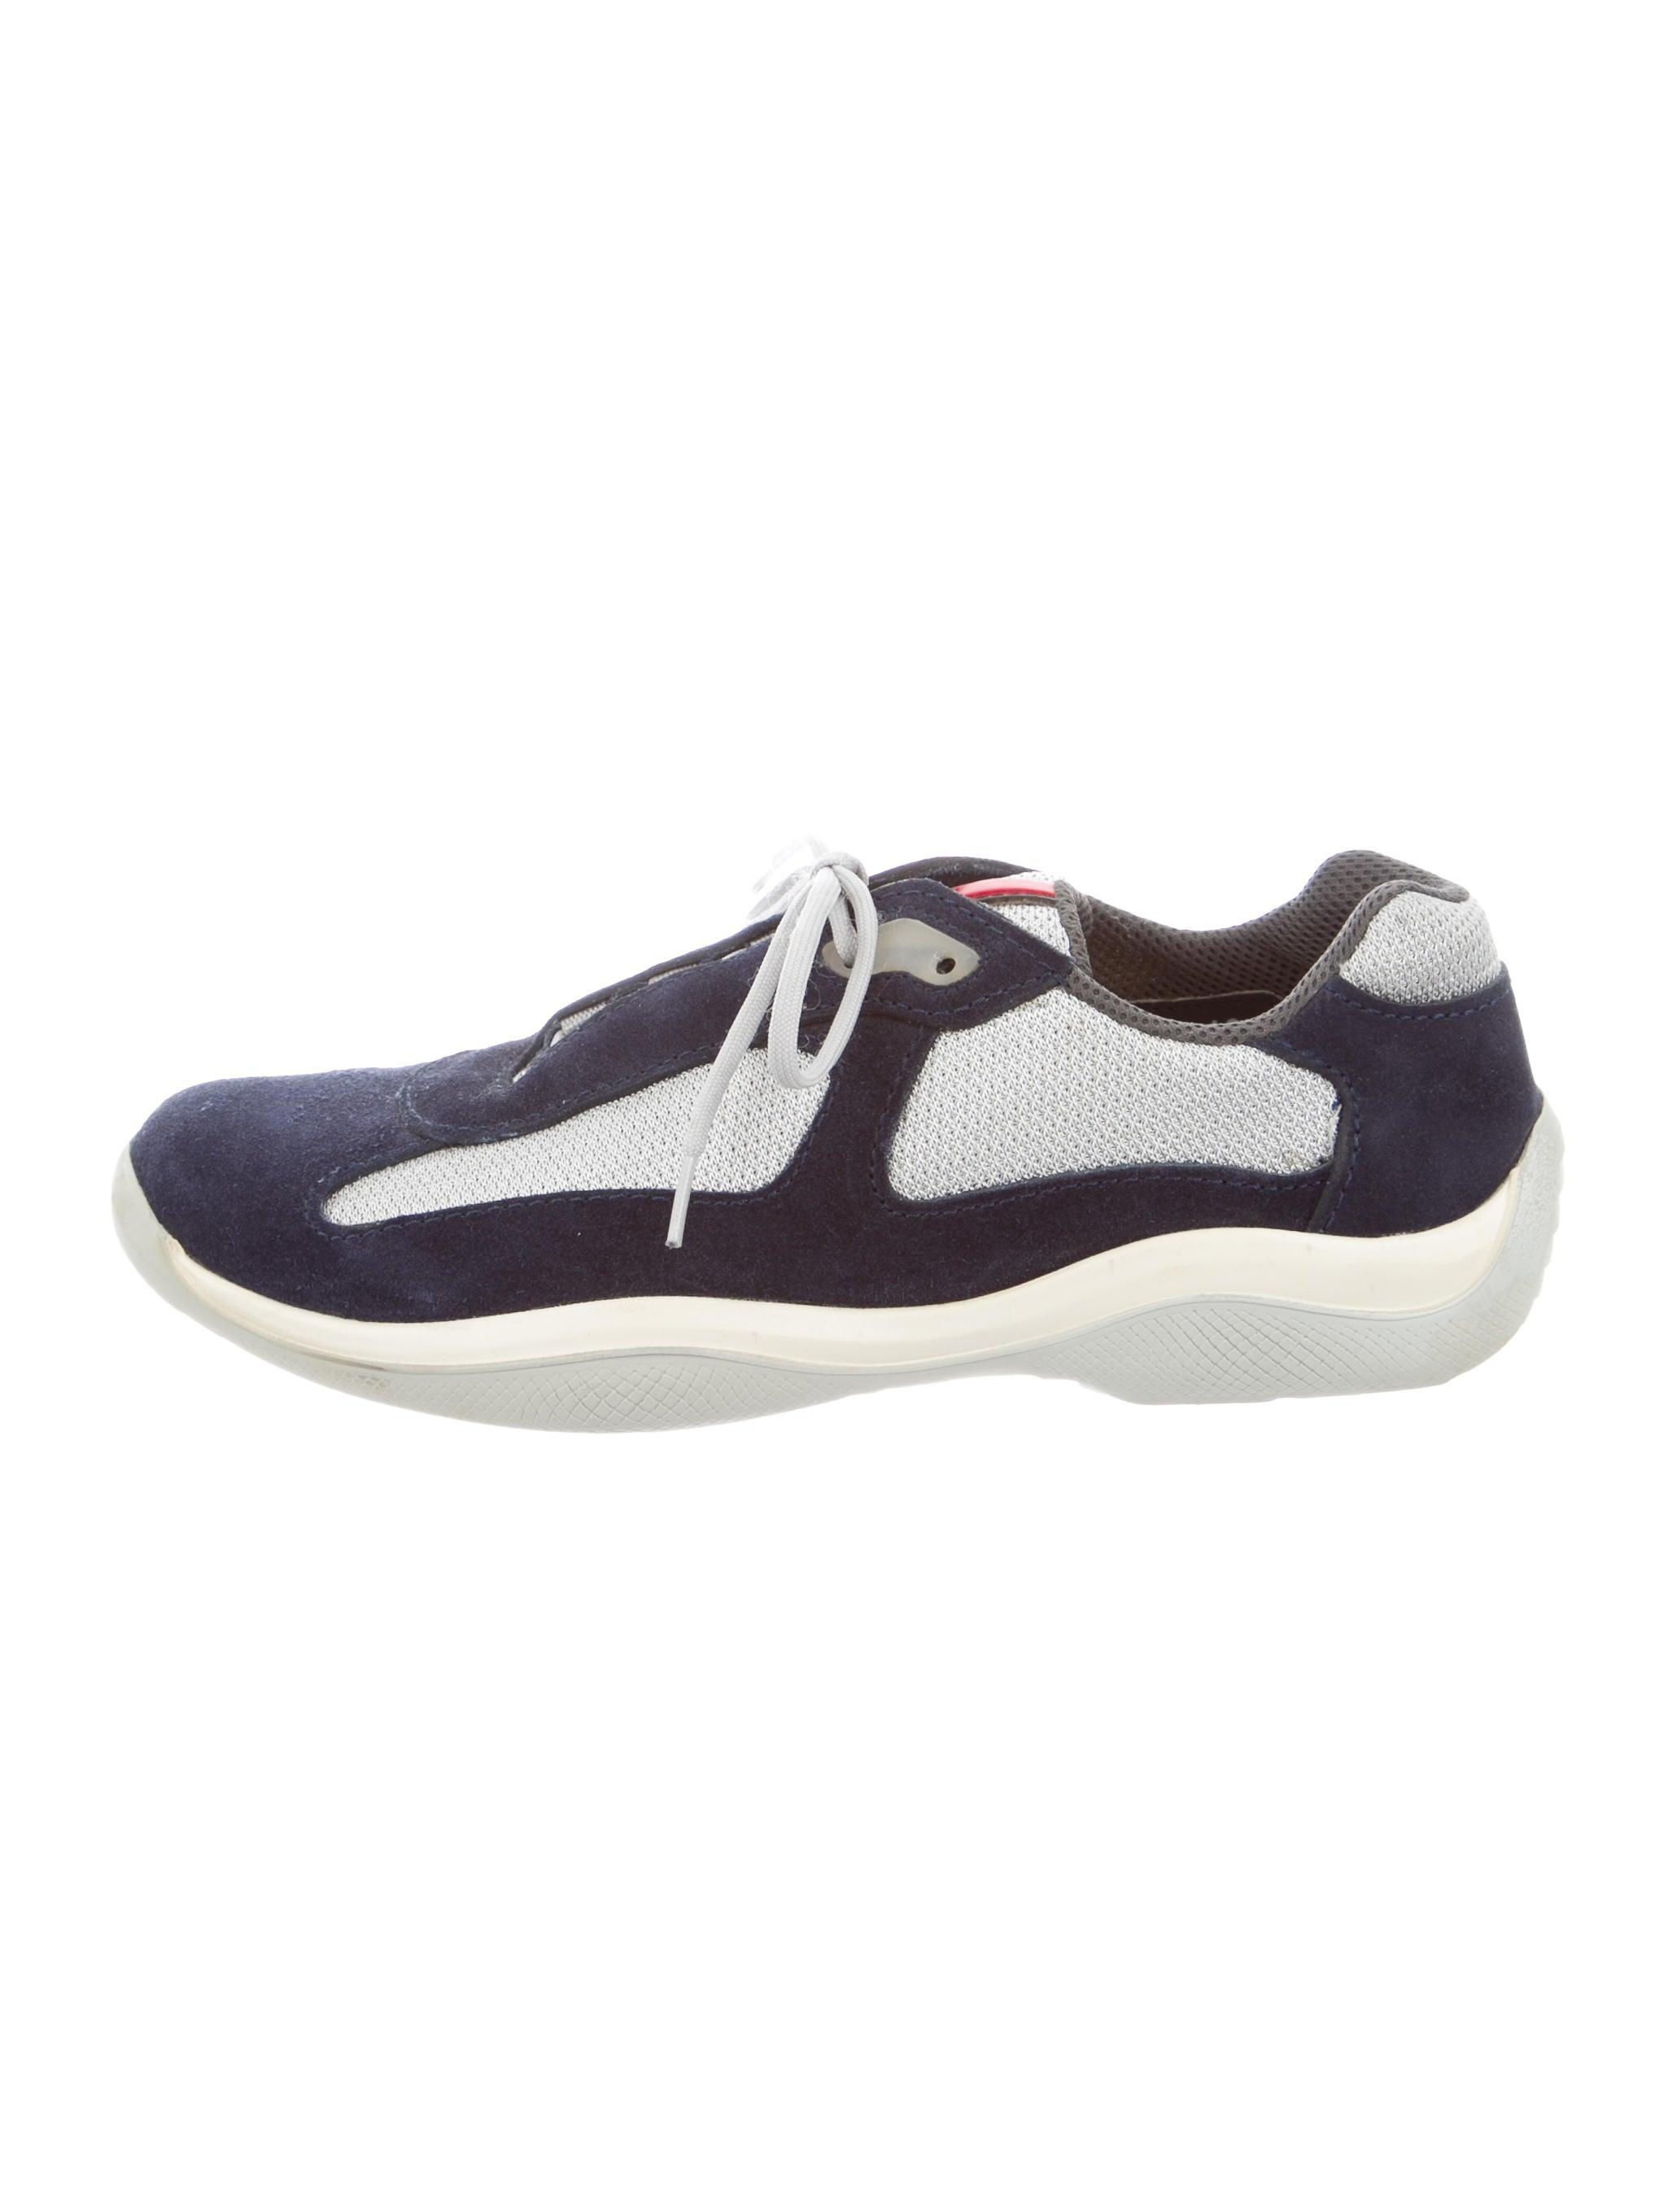 prada sport suede low top sneakers shoes wpr31556